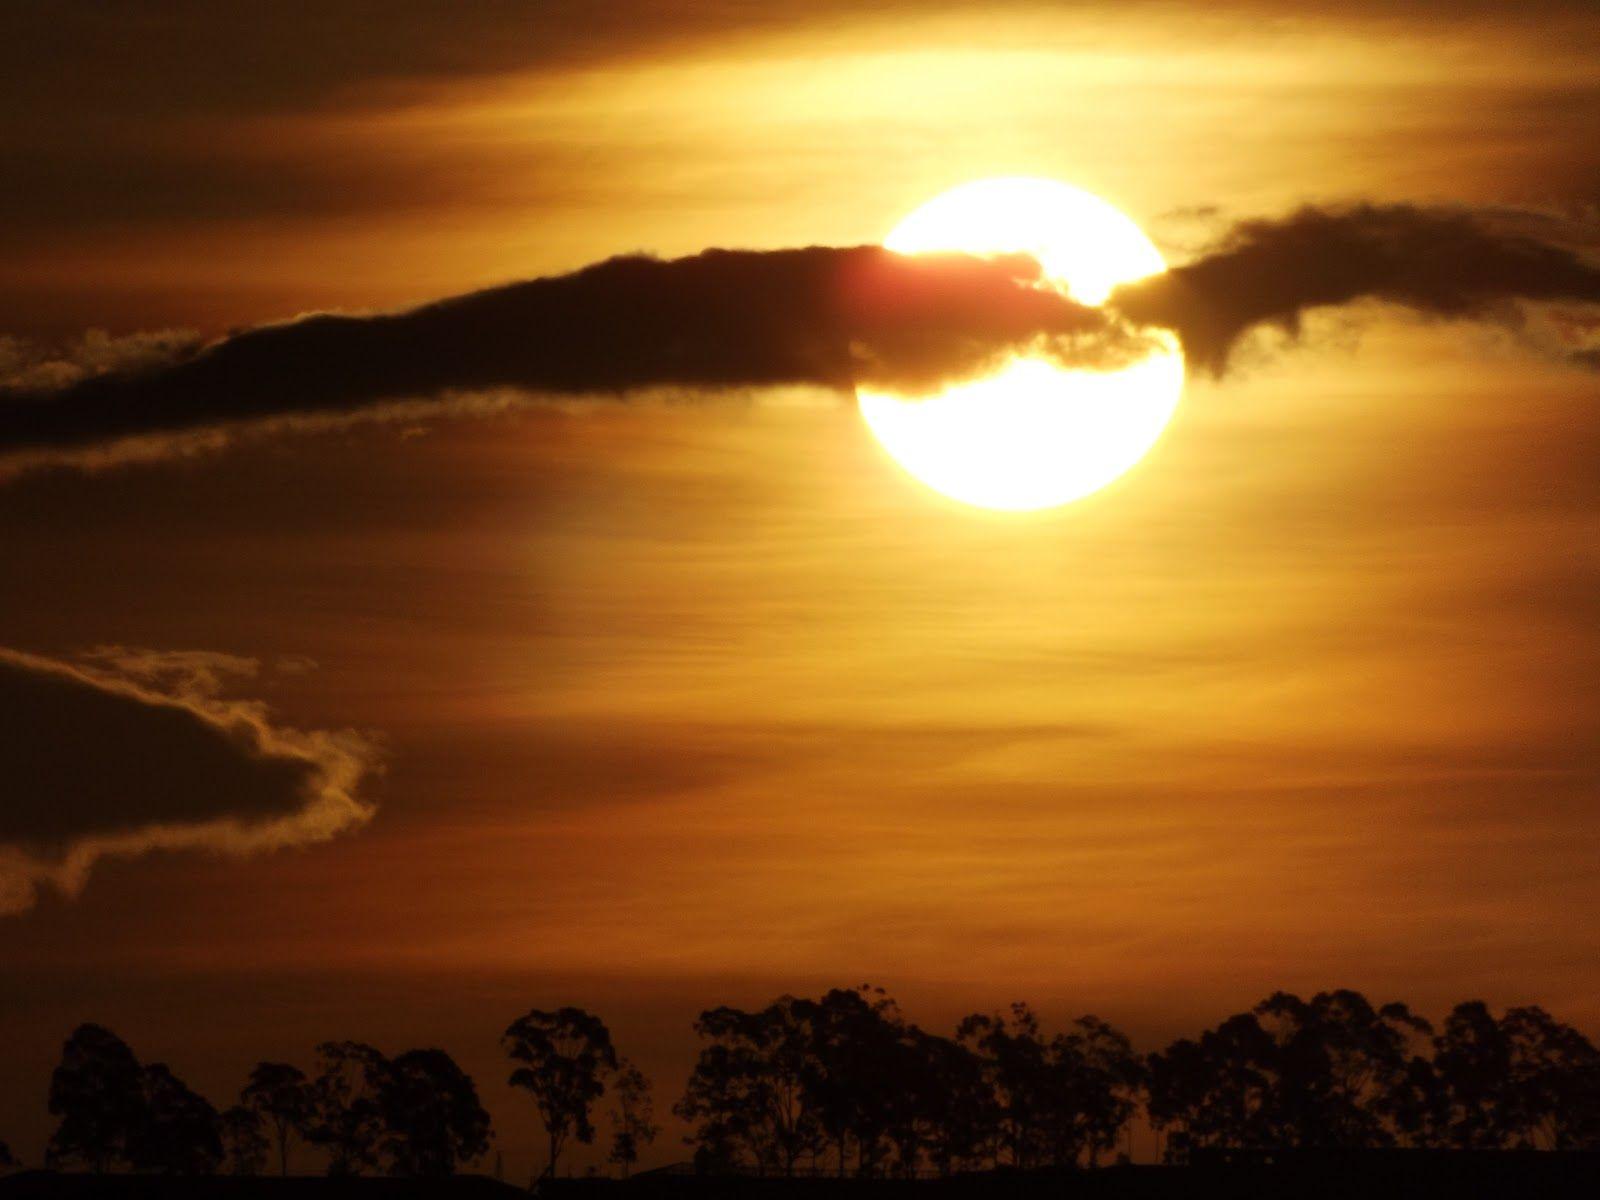 http://fotografiasferrarezi.blogspot.com/2012/11/por-do-sol-do-dia-19112012.html